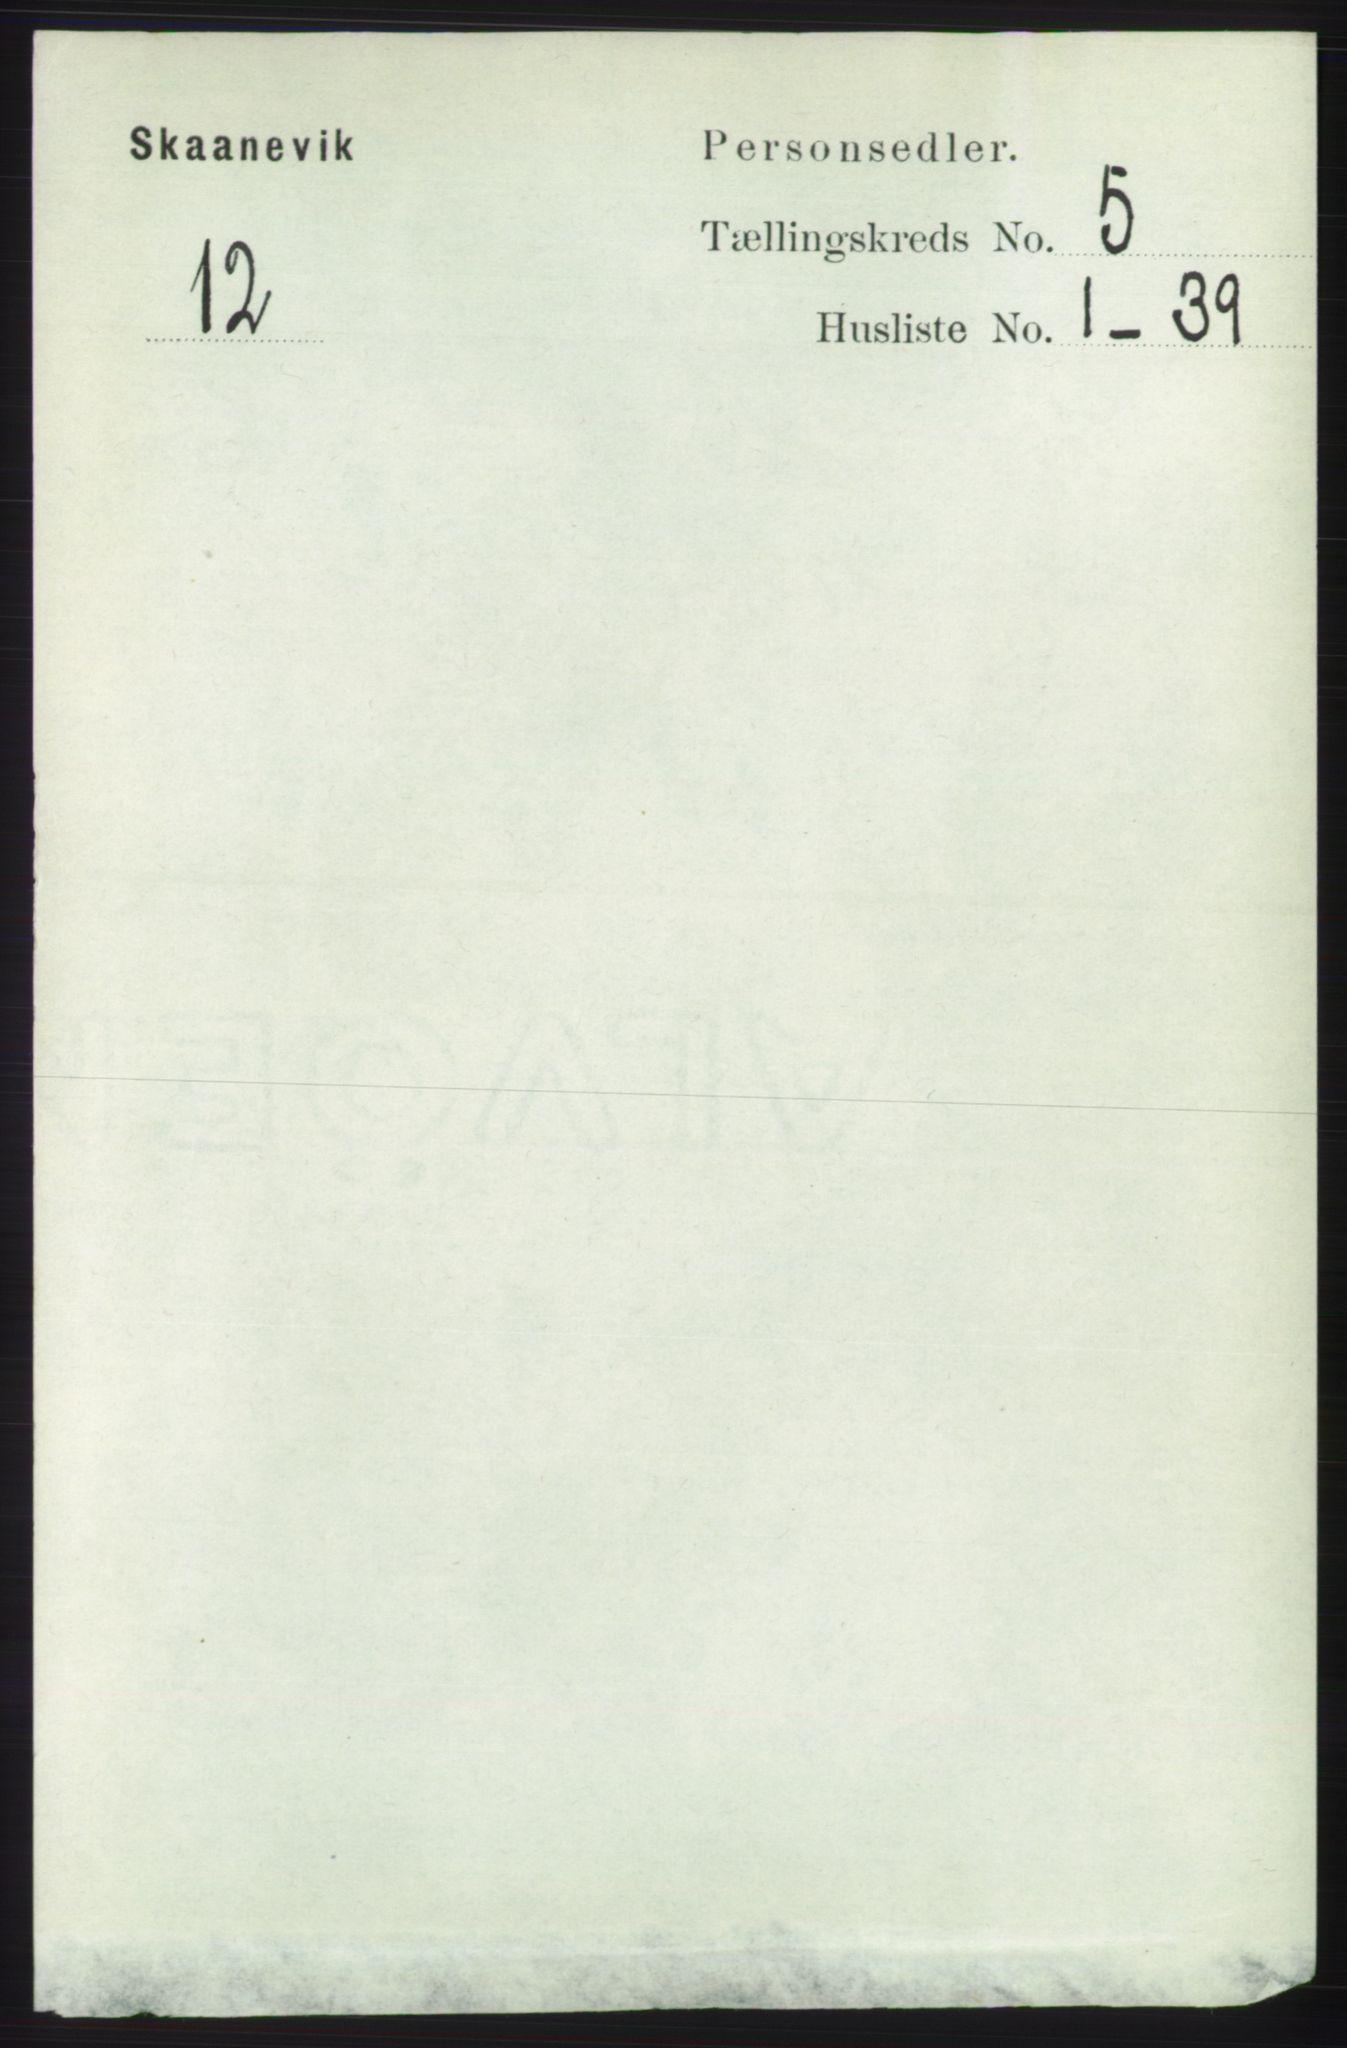 RA, Folketelling 1891 for 1212 Skånevik herred, 1891, s. 1260